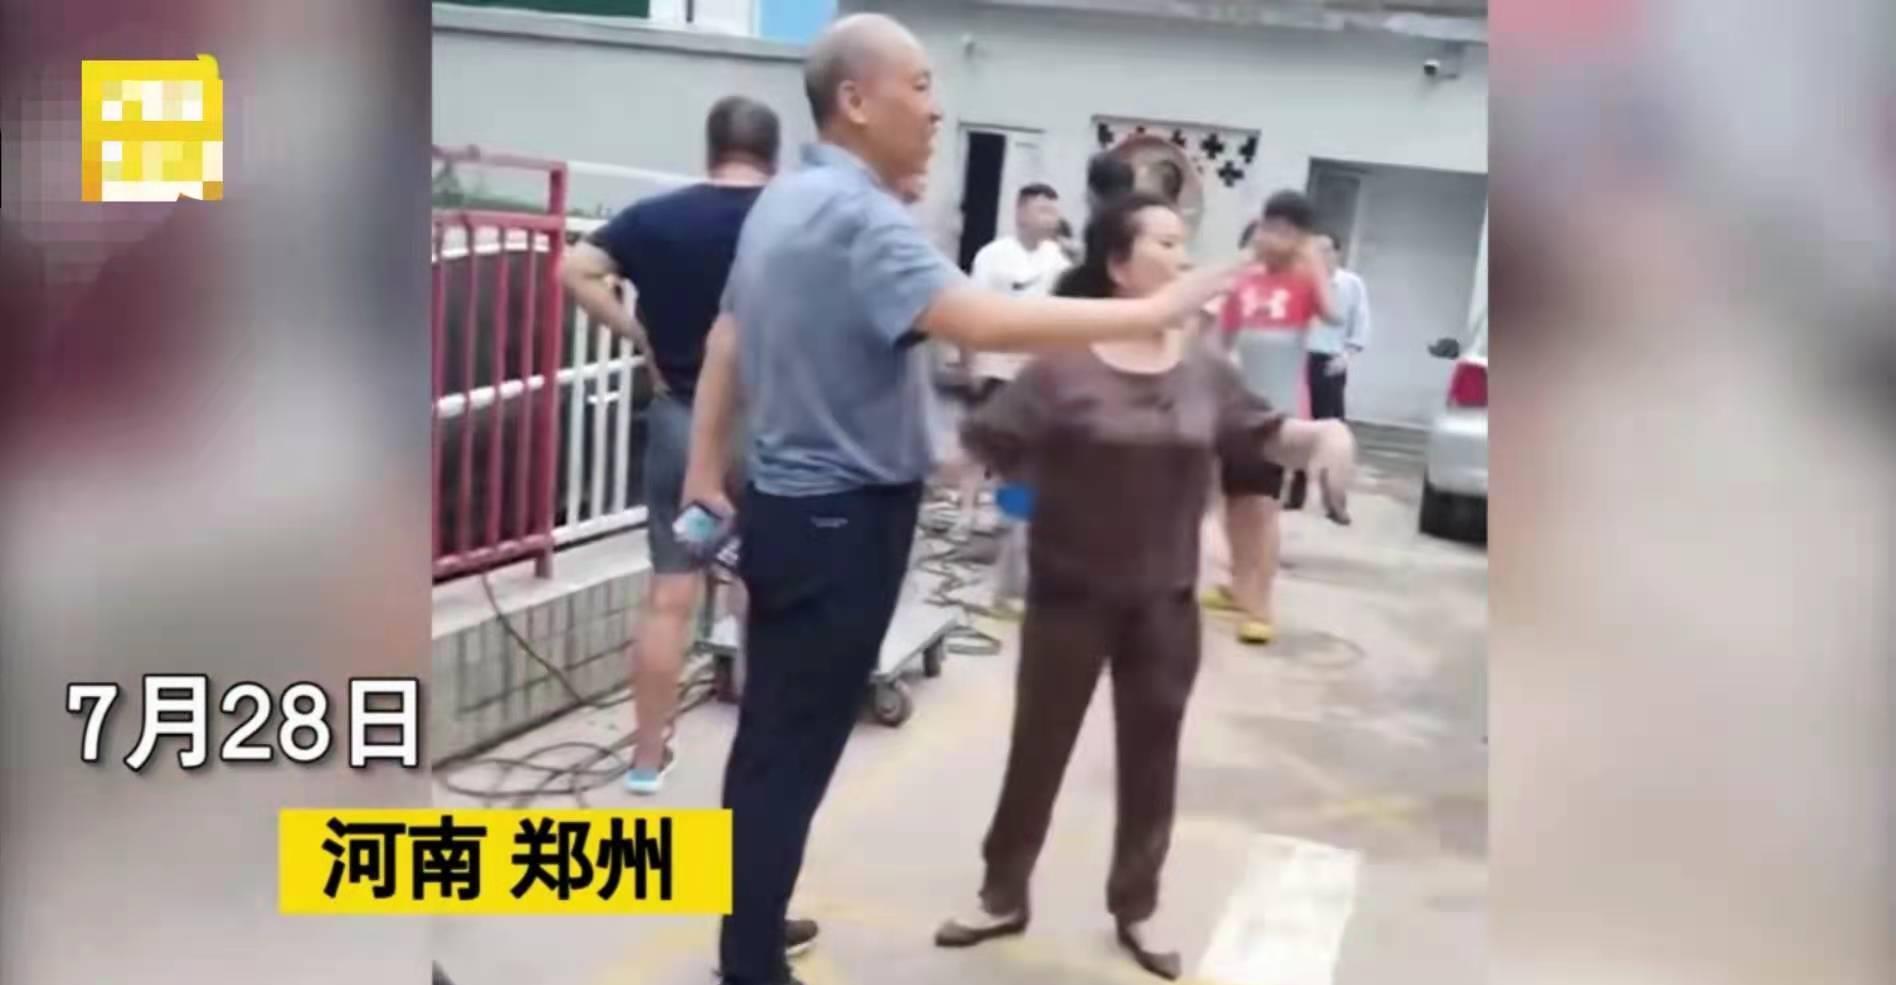 郑州奔驰堵车库出口,致全车库车辆被淹,当事人:没人通知我挪车